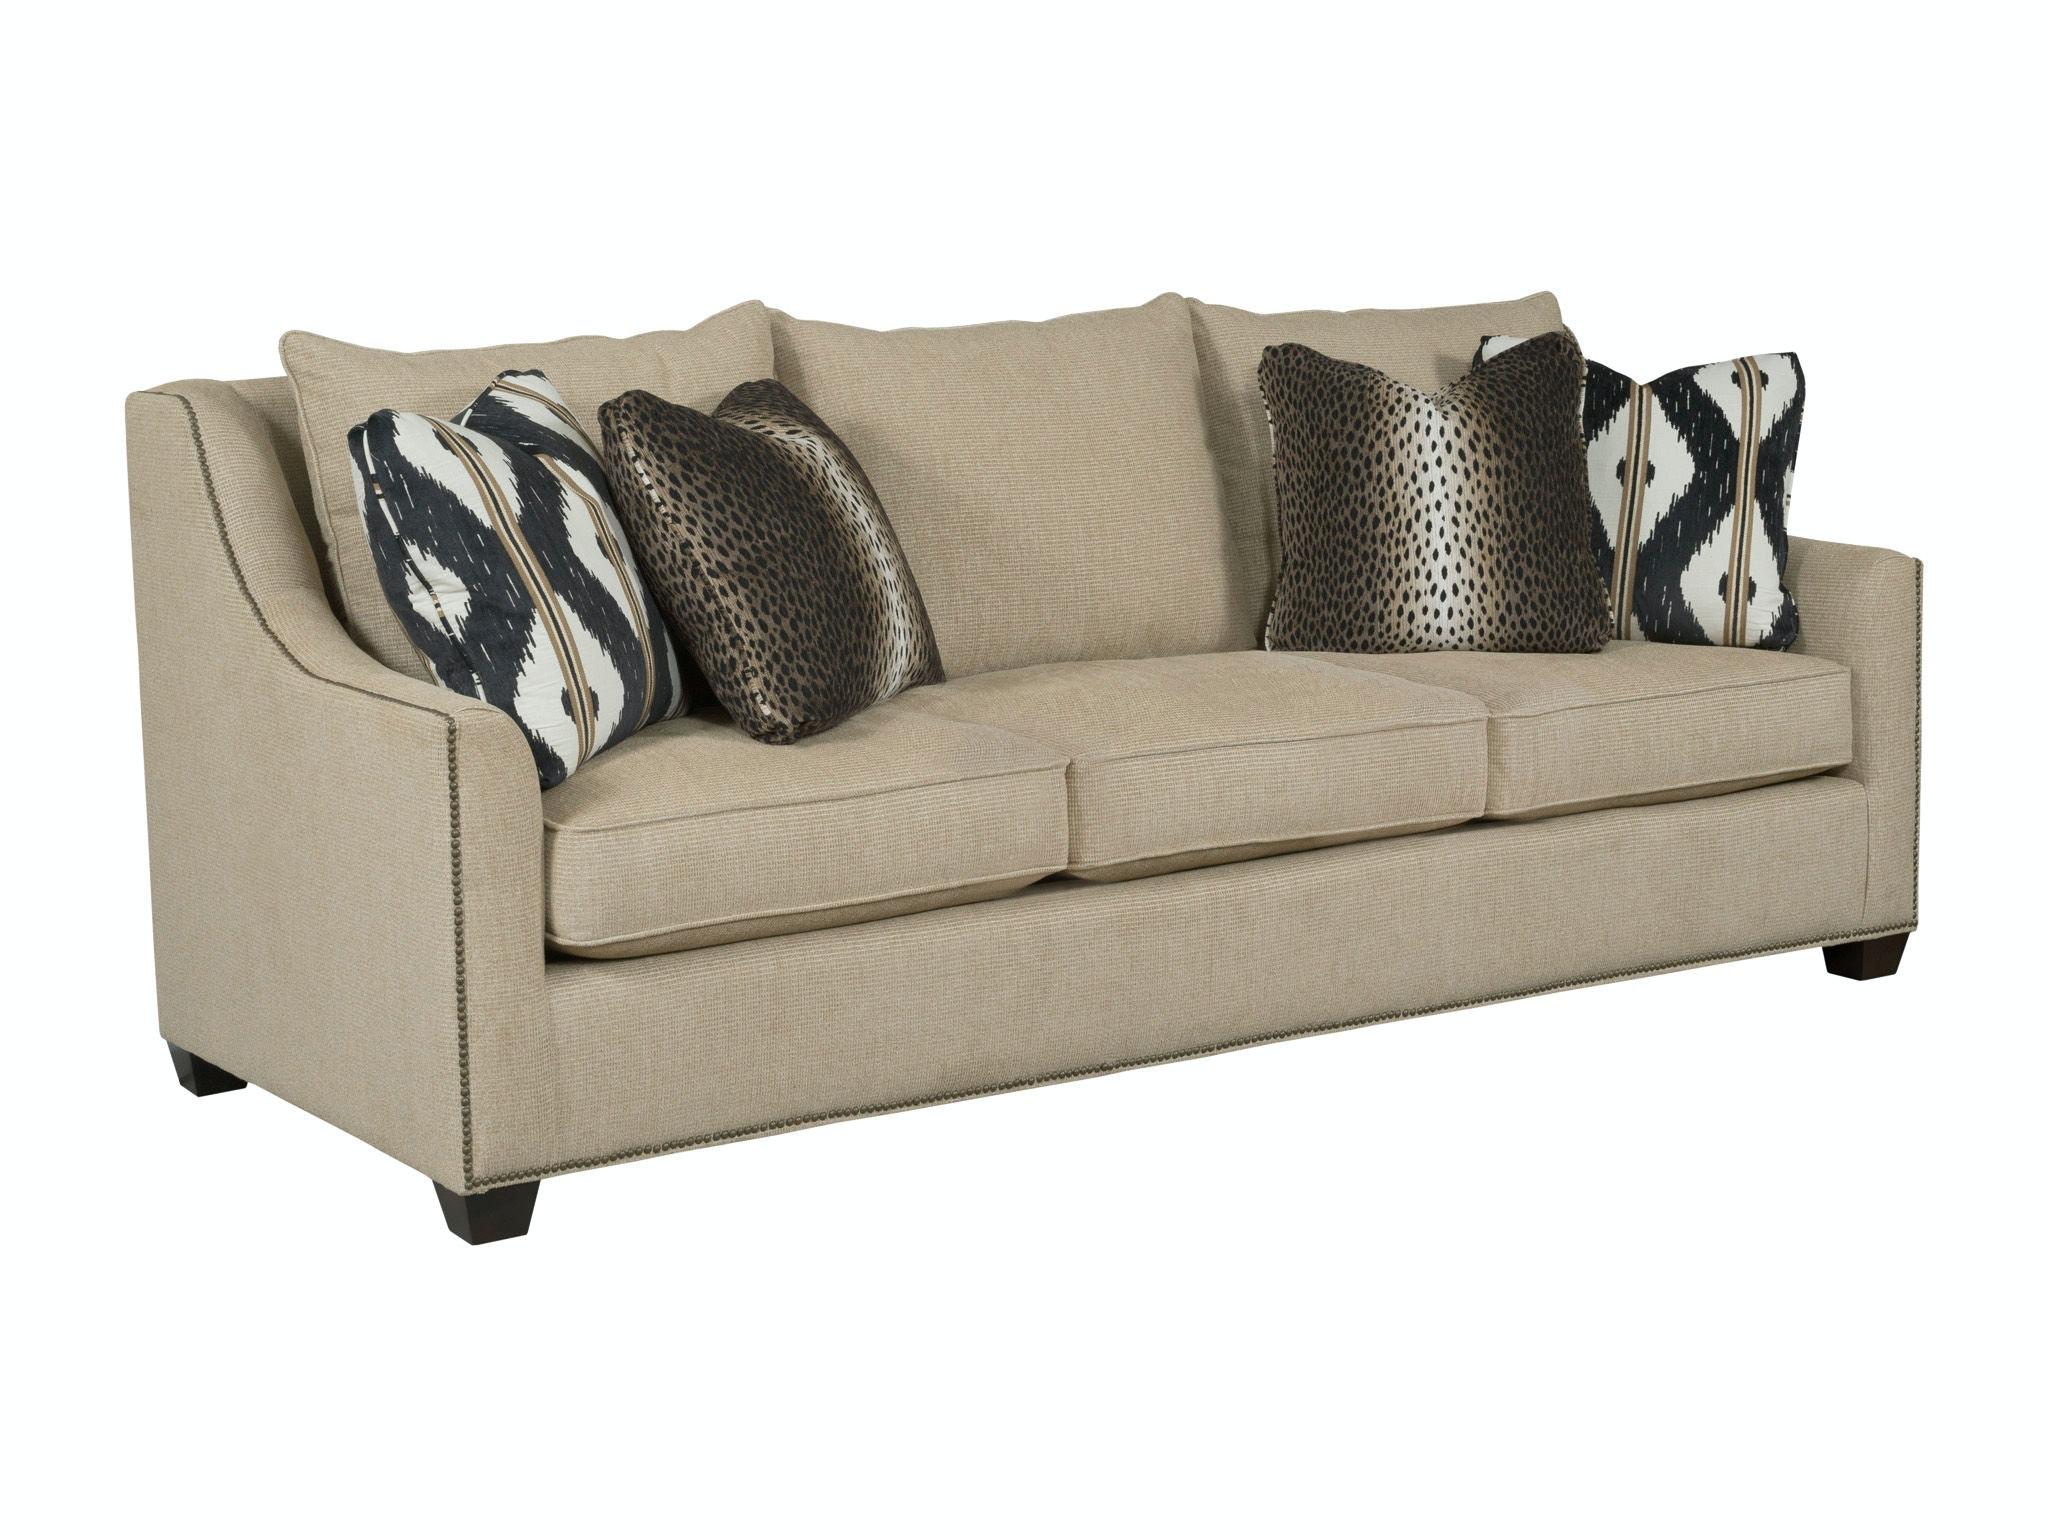 Kincaid Furniture Edison Sofa 303 76